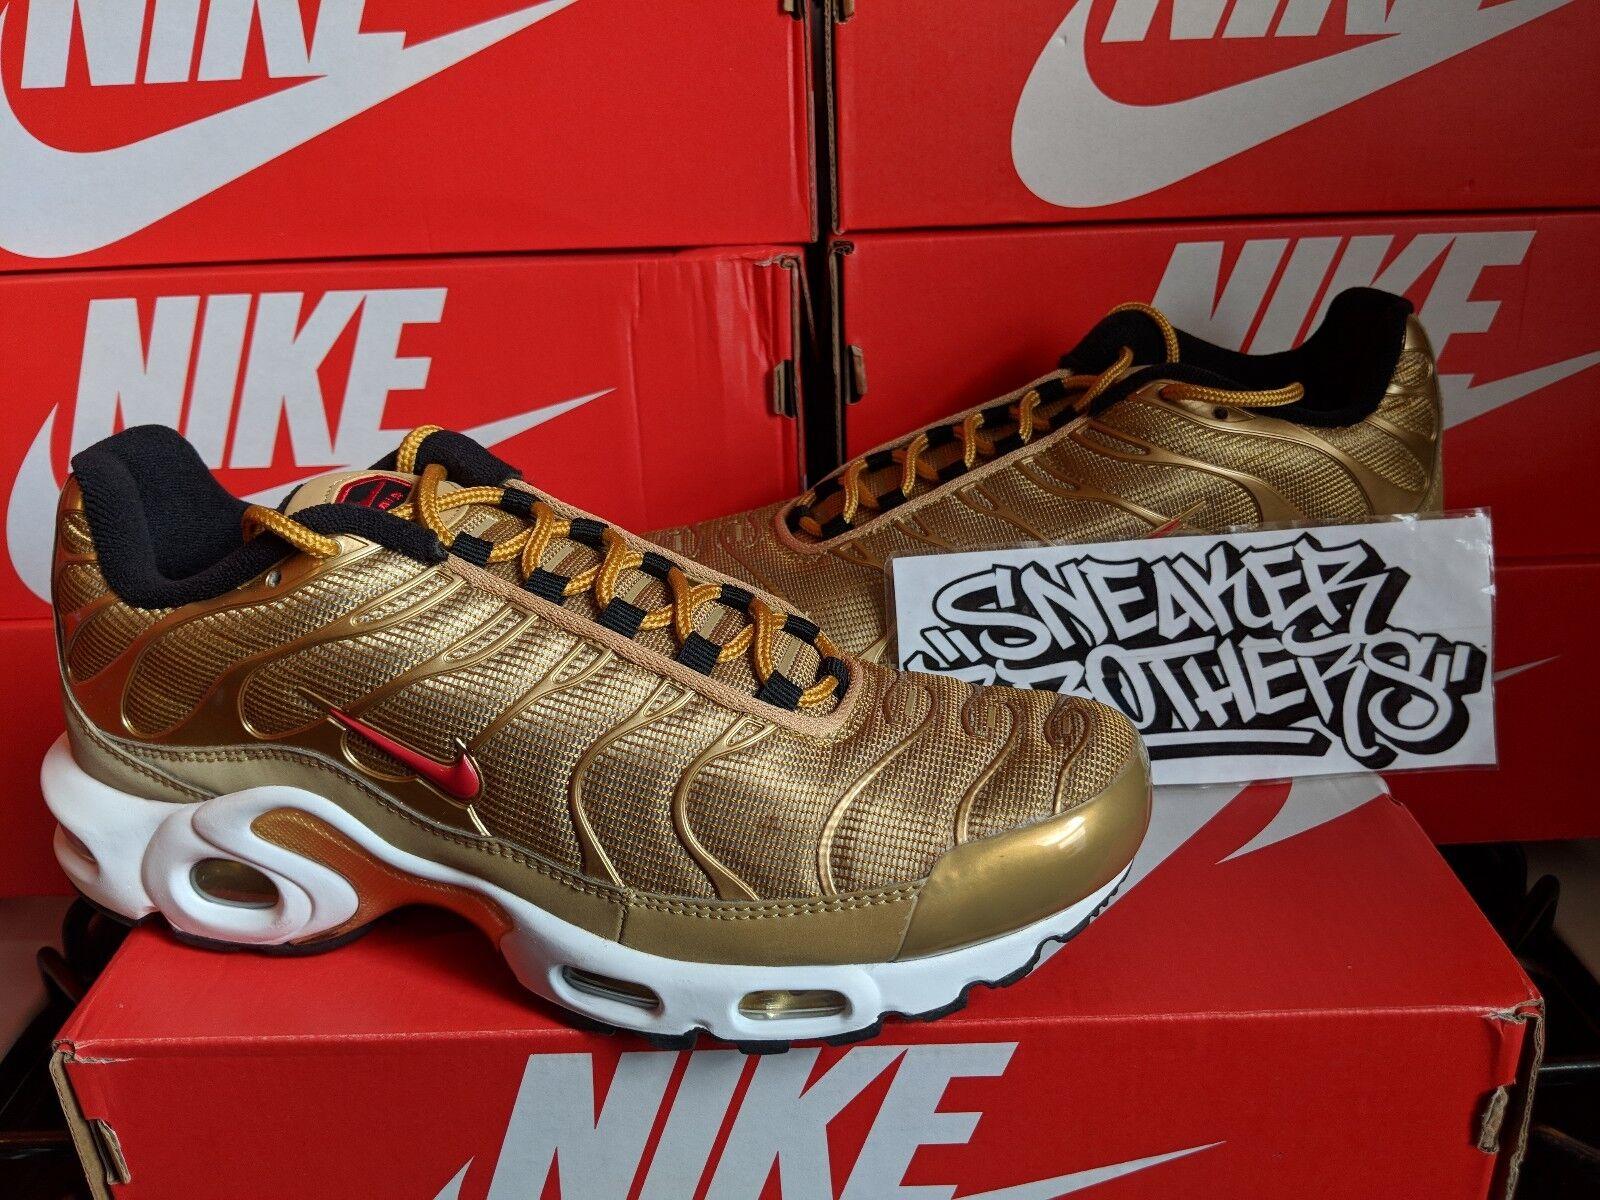 Nike air max e tn sintonizzati 1 qs 2018 metallico 903827-700 rosso oro university